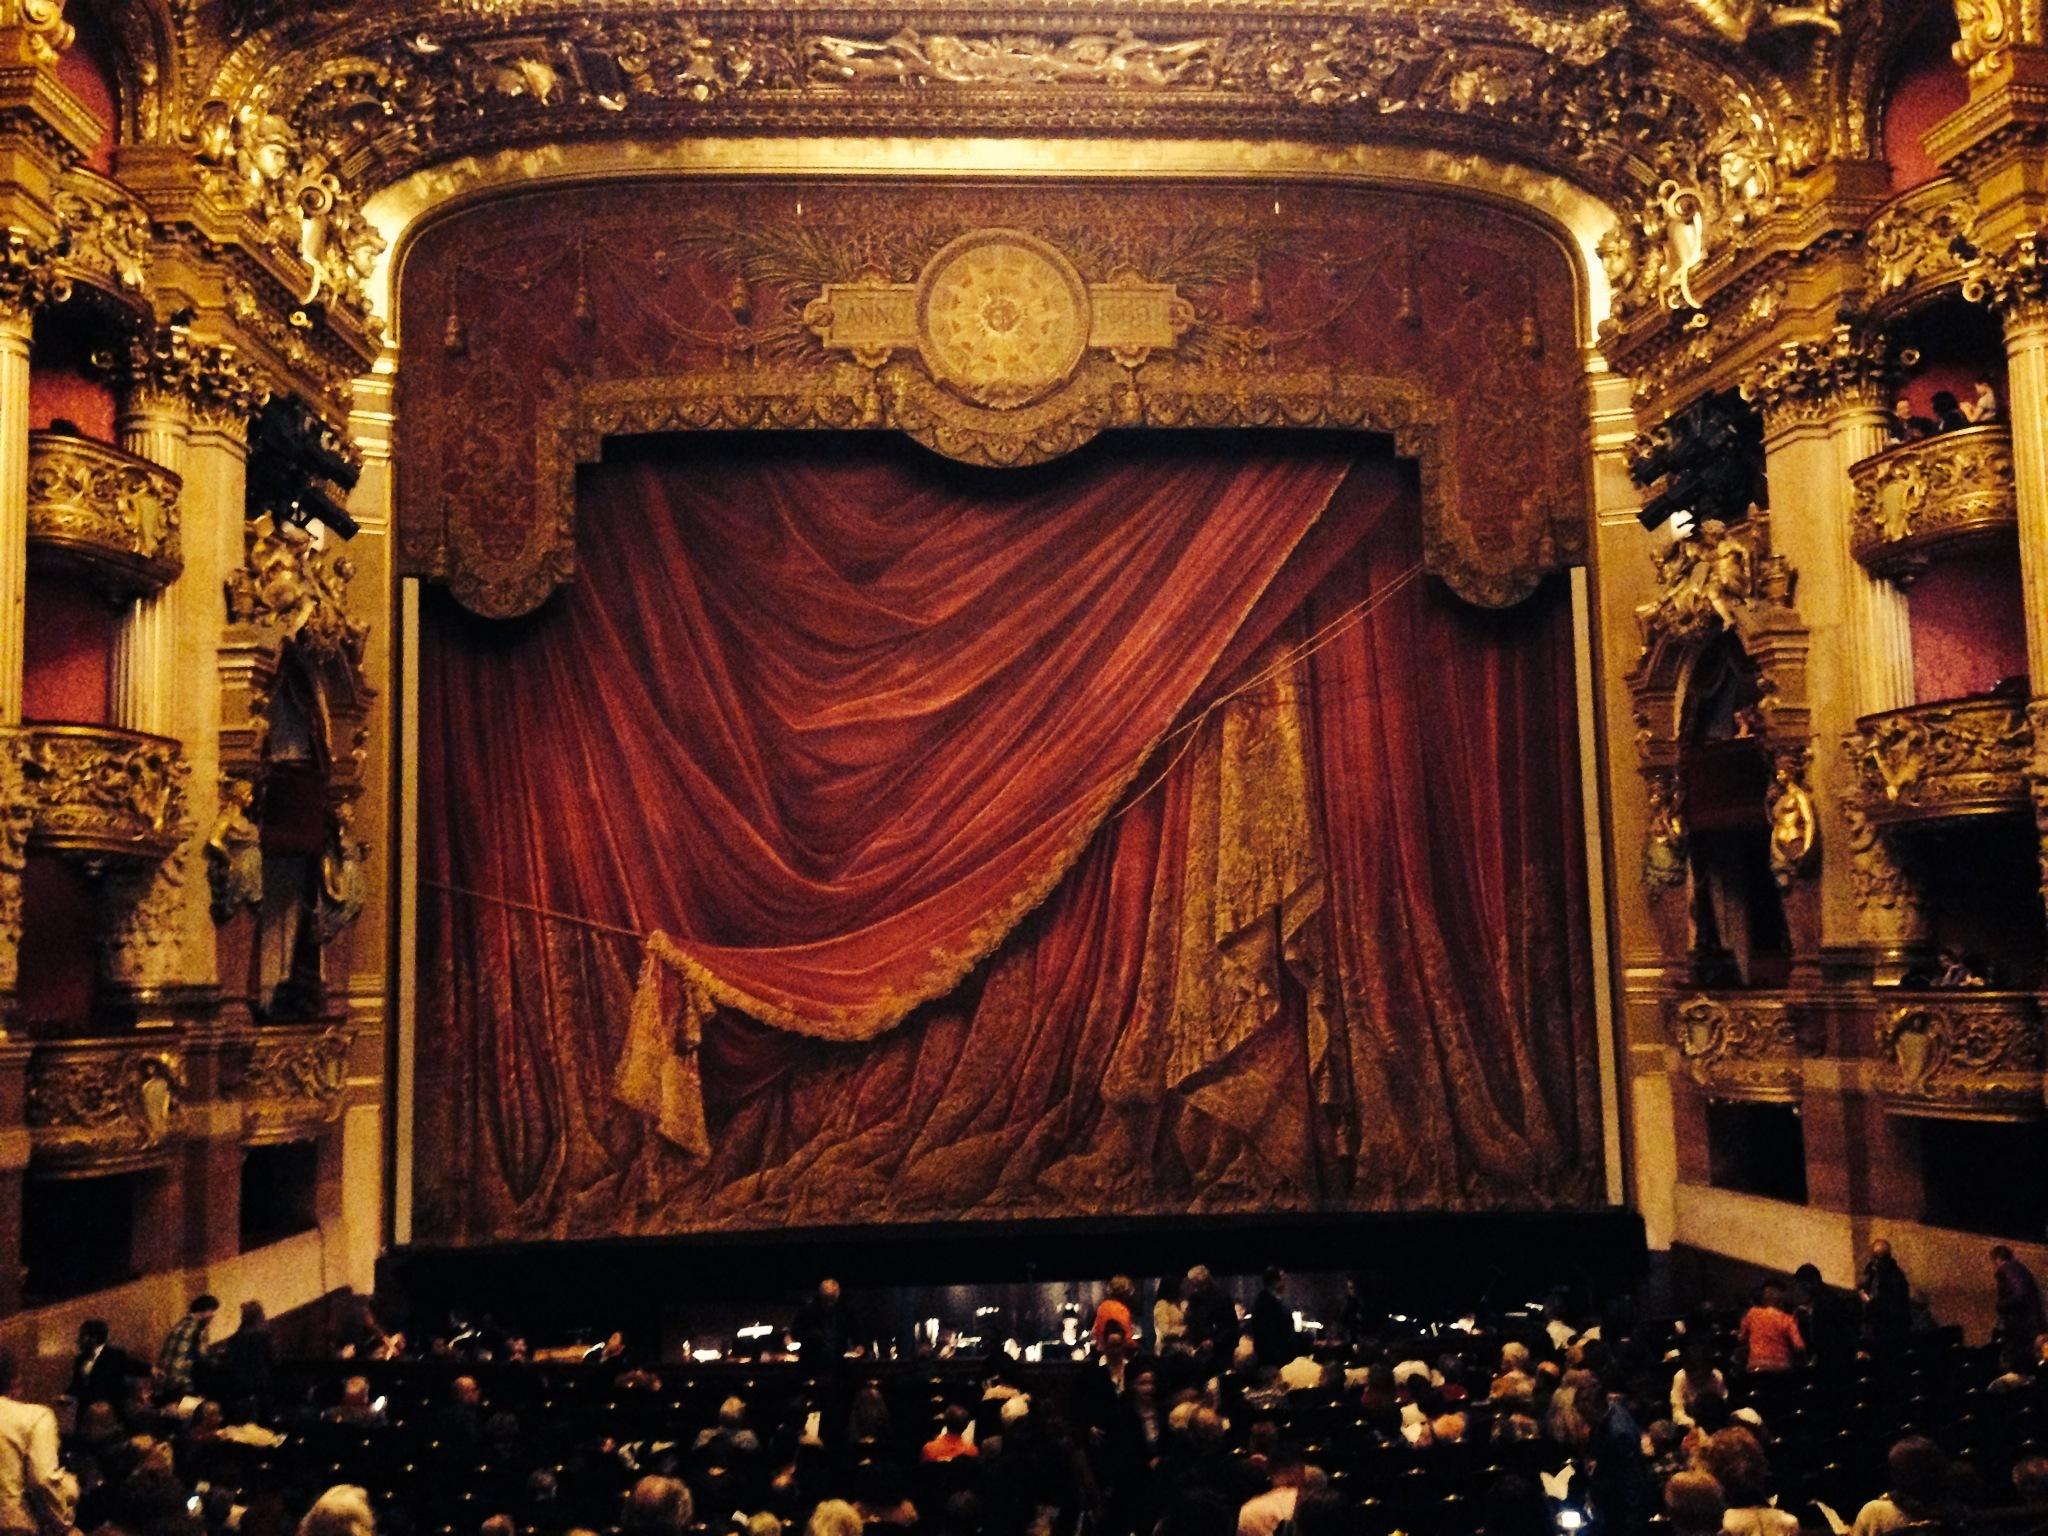 Day 23: March 9 The Opera Garnier, Le Printemps